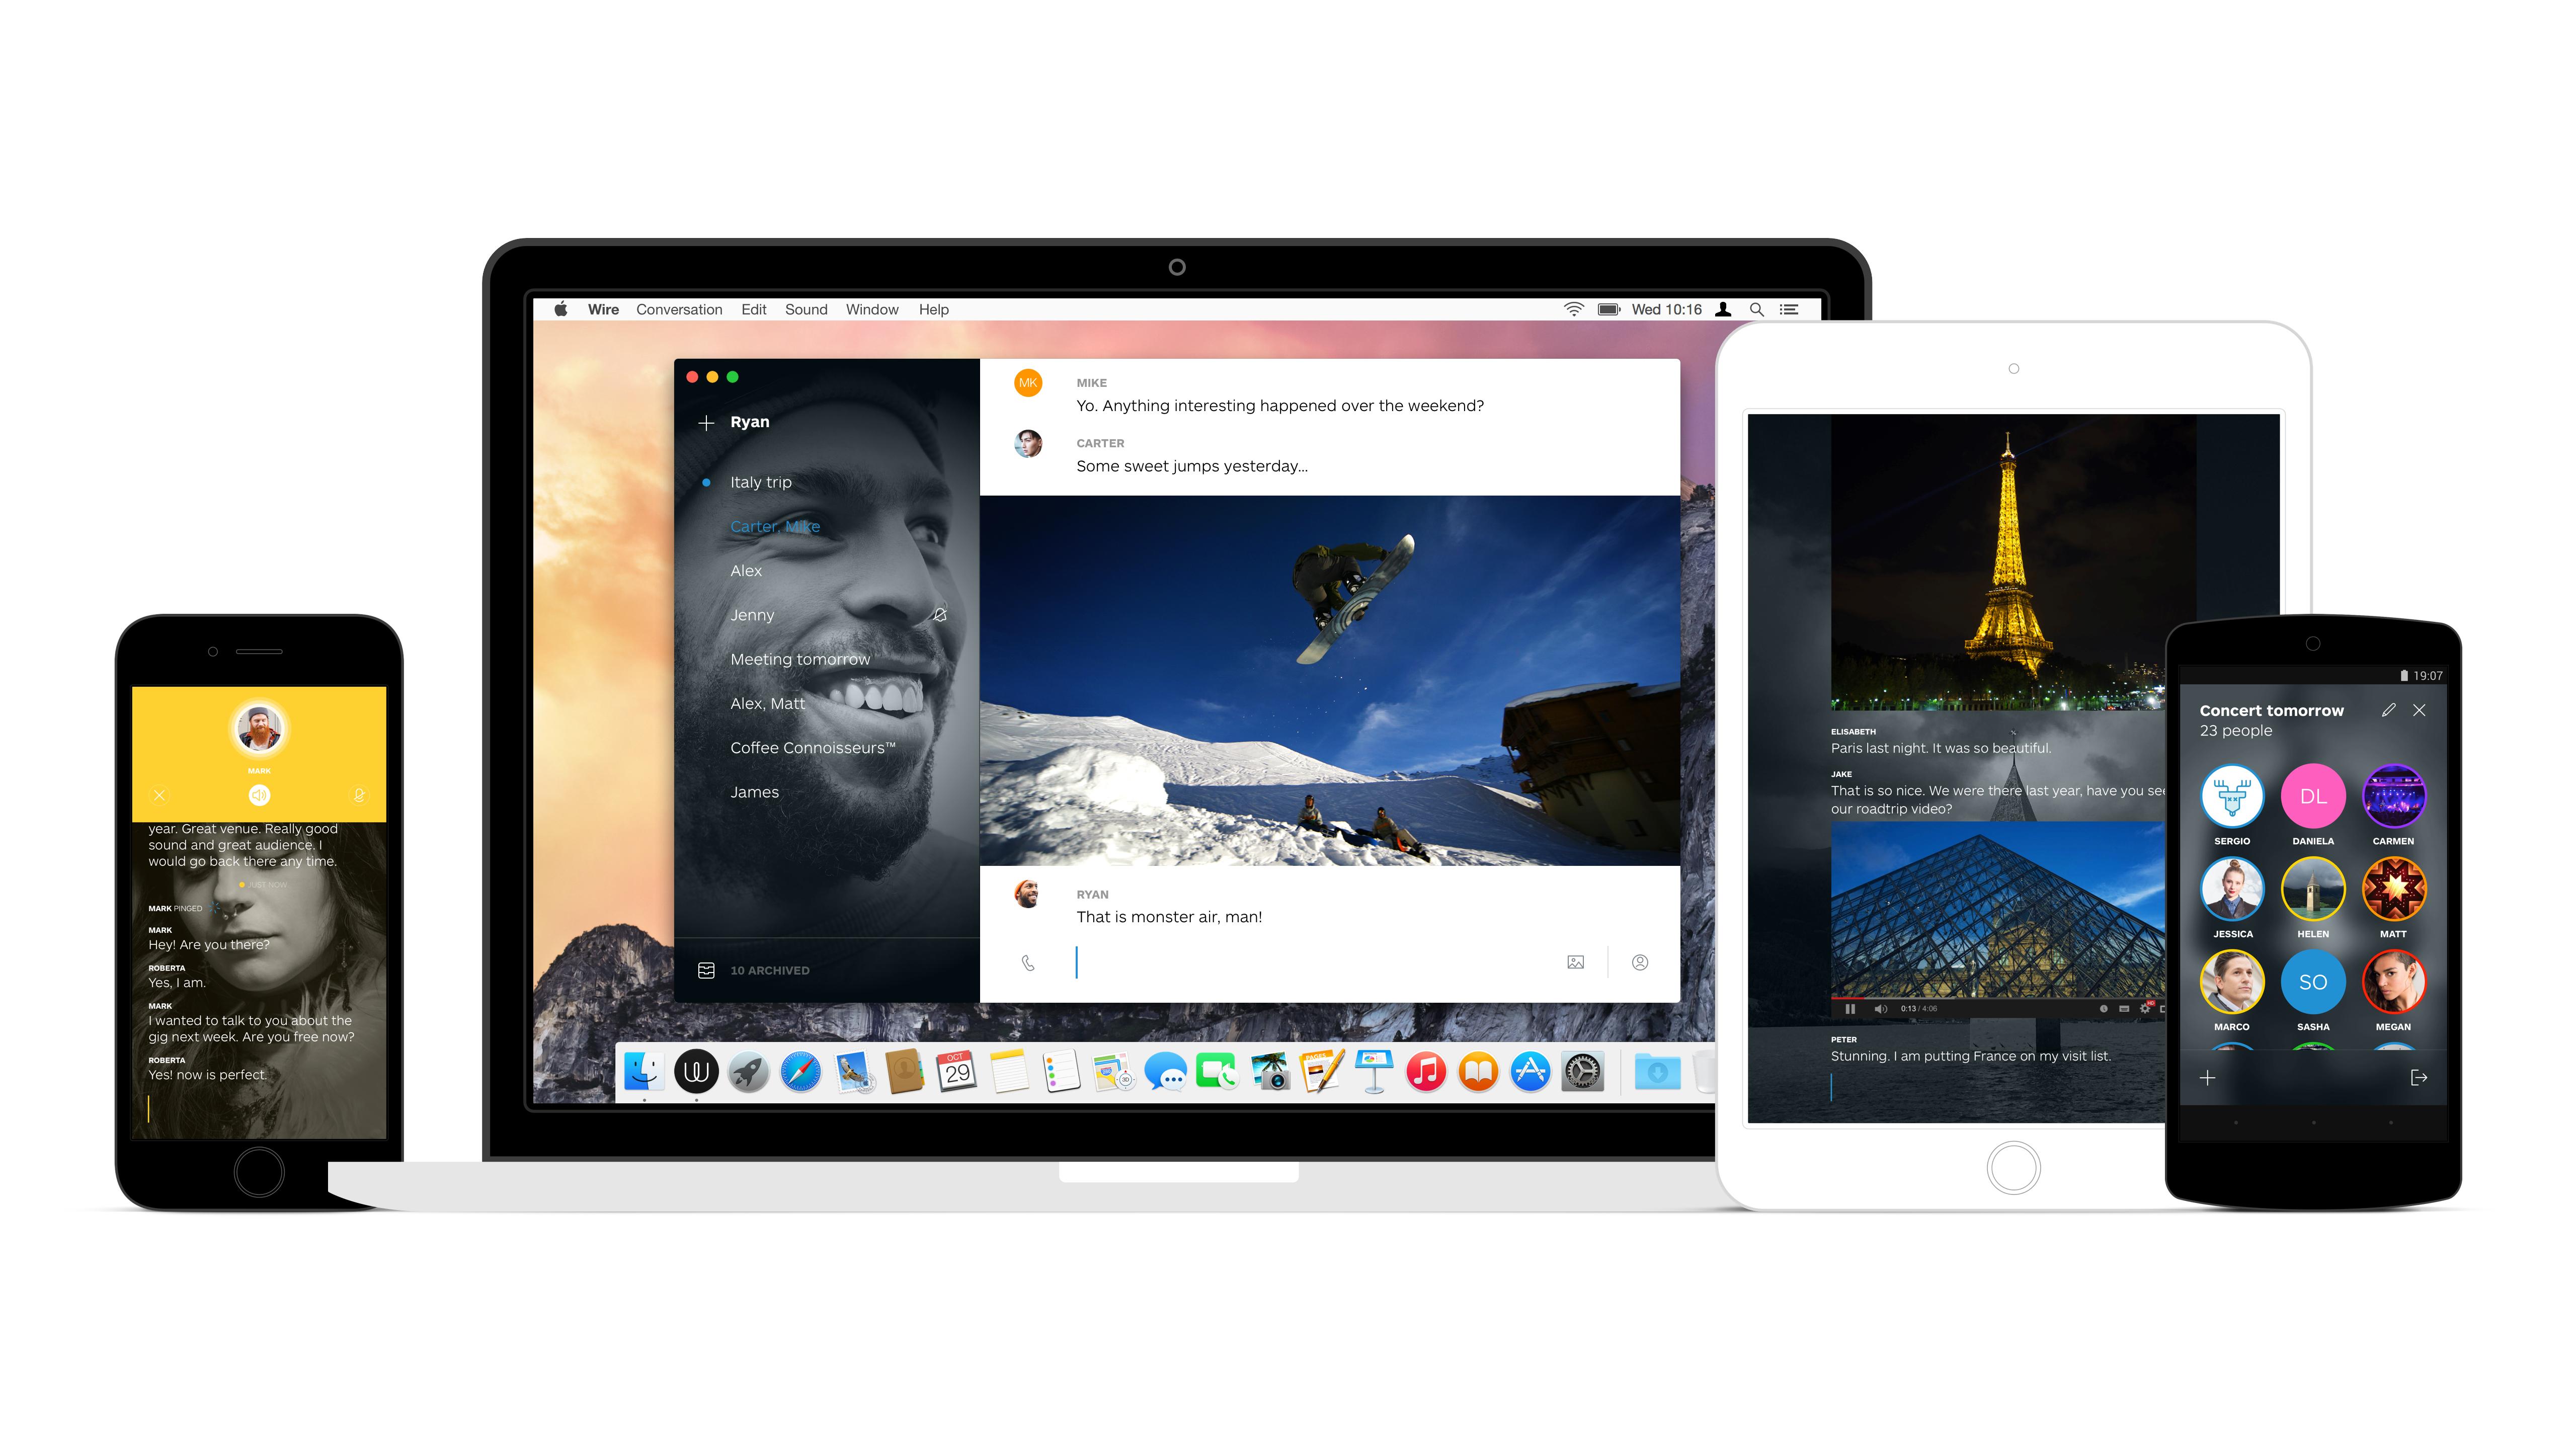 Skype-medstifter lancerer app til internetkommunikation